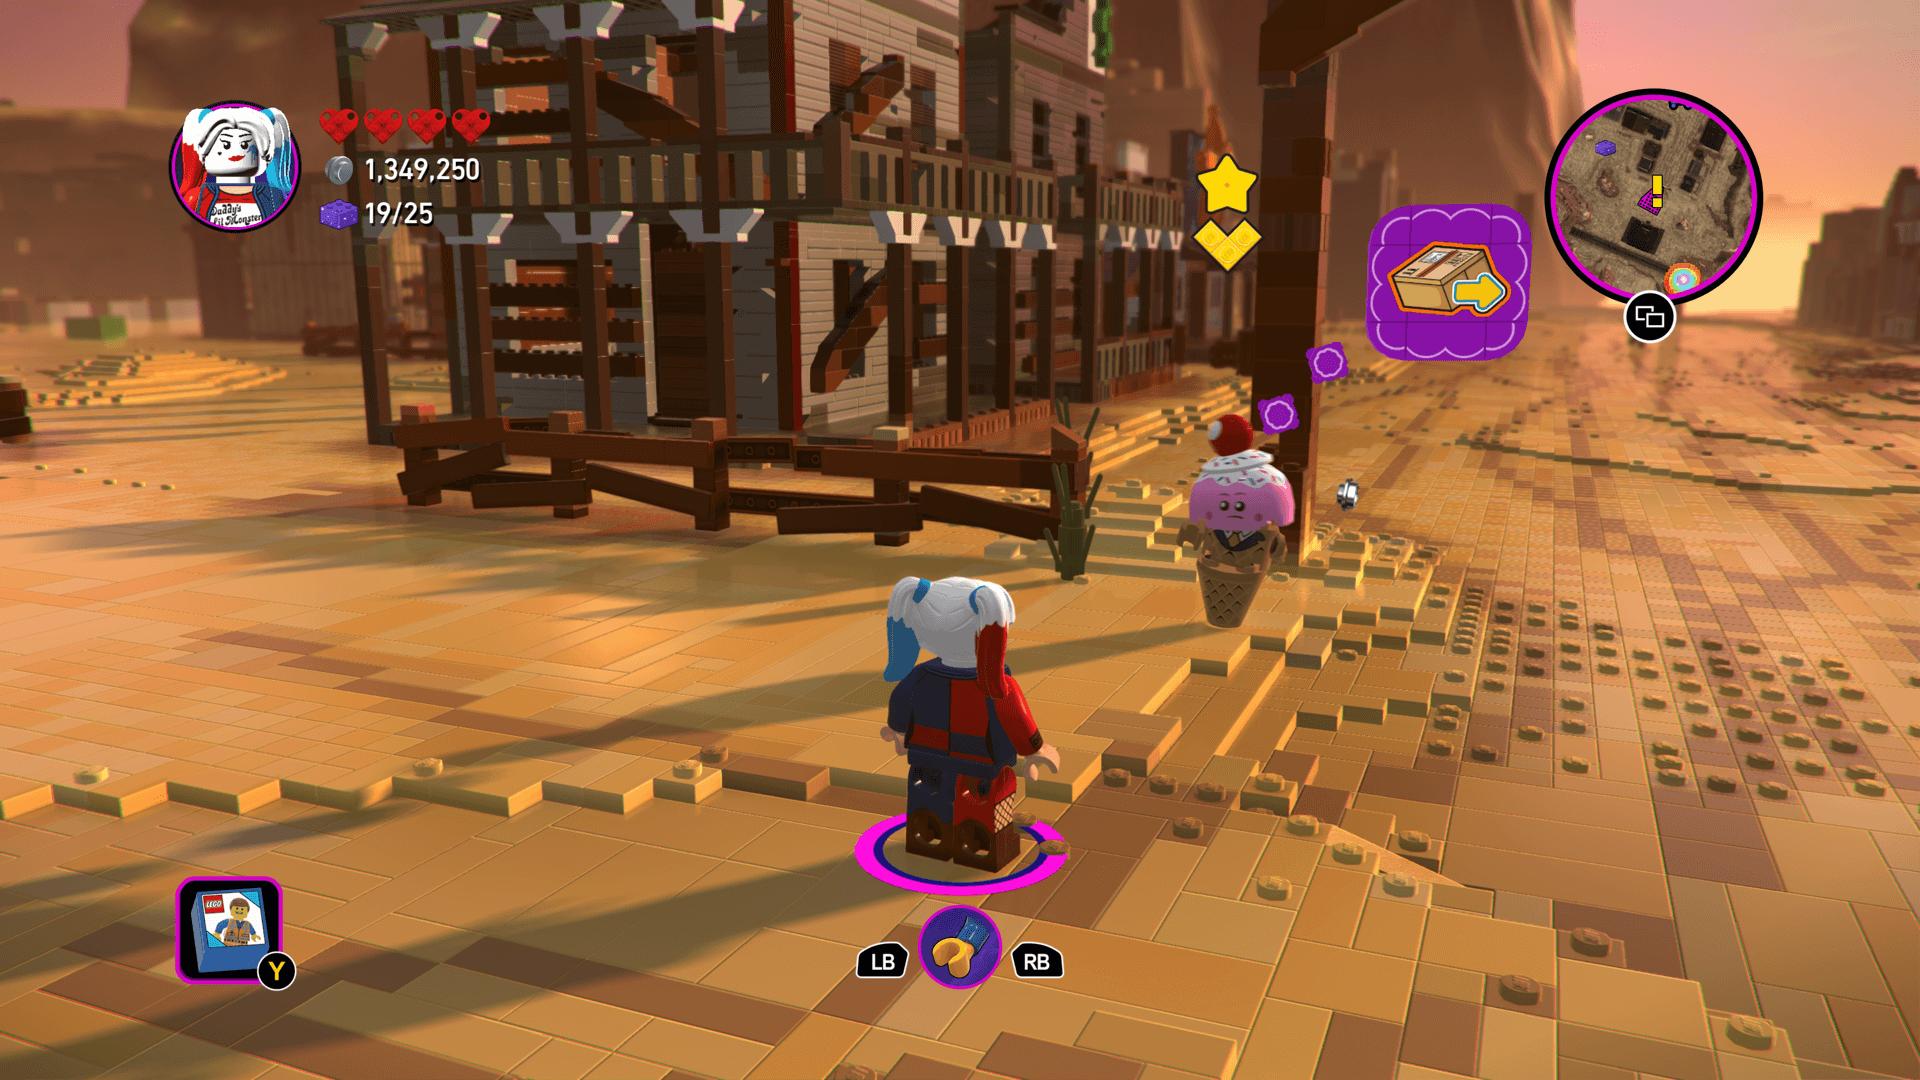 LEGO Przygoda 2 Gra wideo2